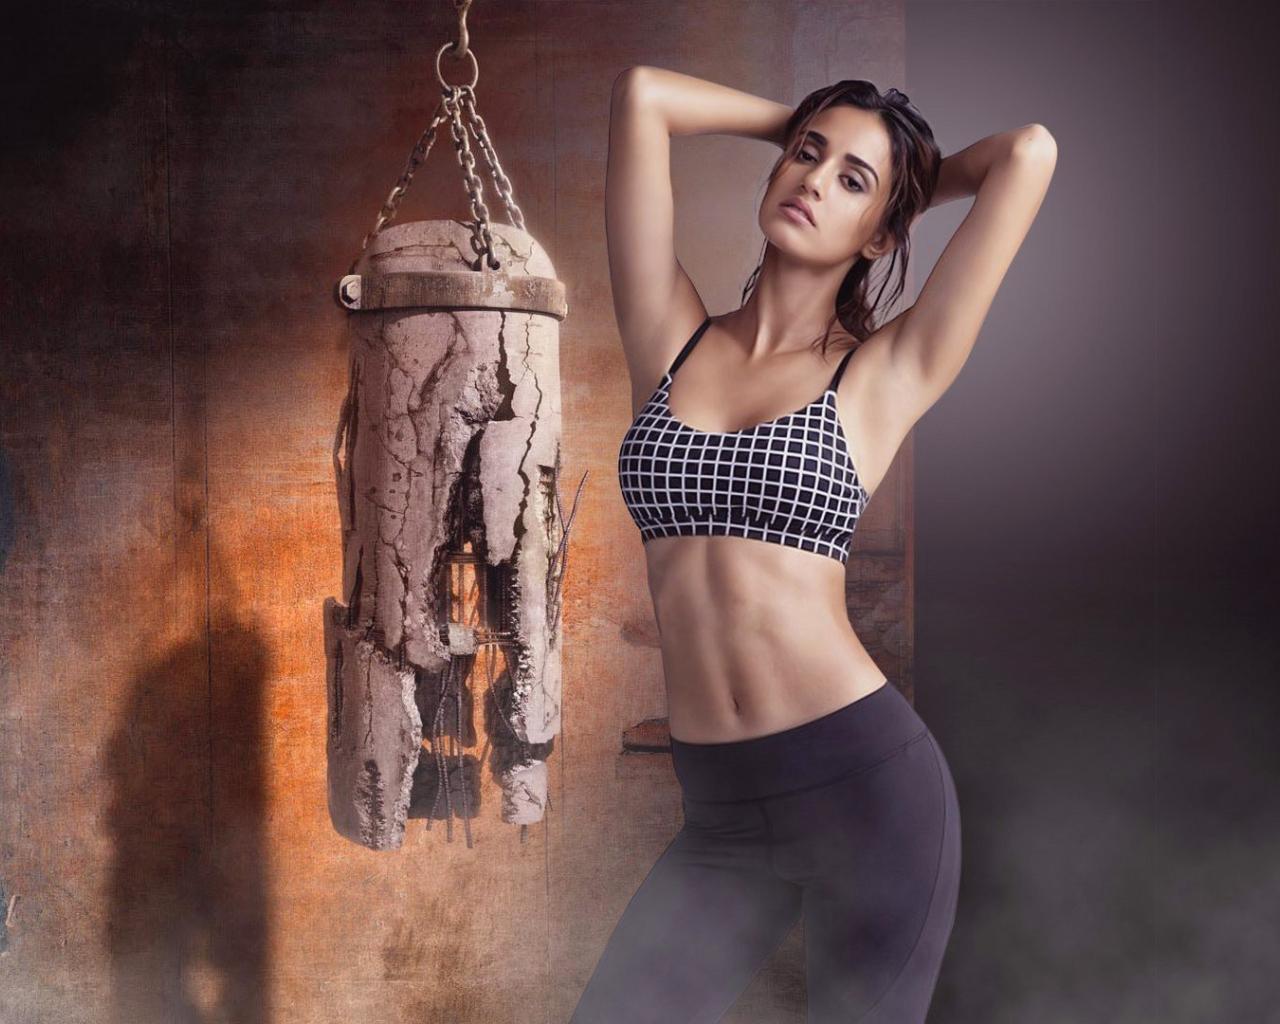 Disha Patani Ultra New Hd Wallpaper In Bikini: Disha Patani Workout Photoshoot, Full HD Wallpaper